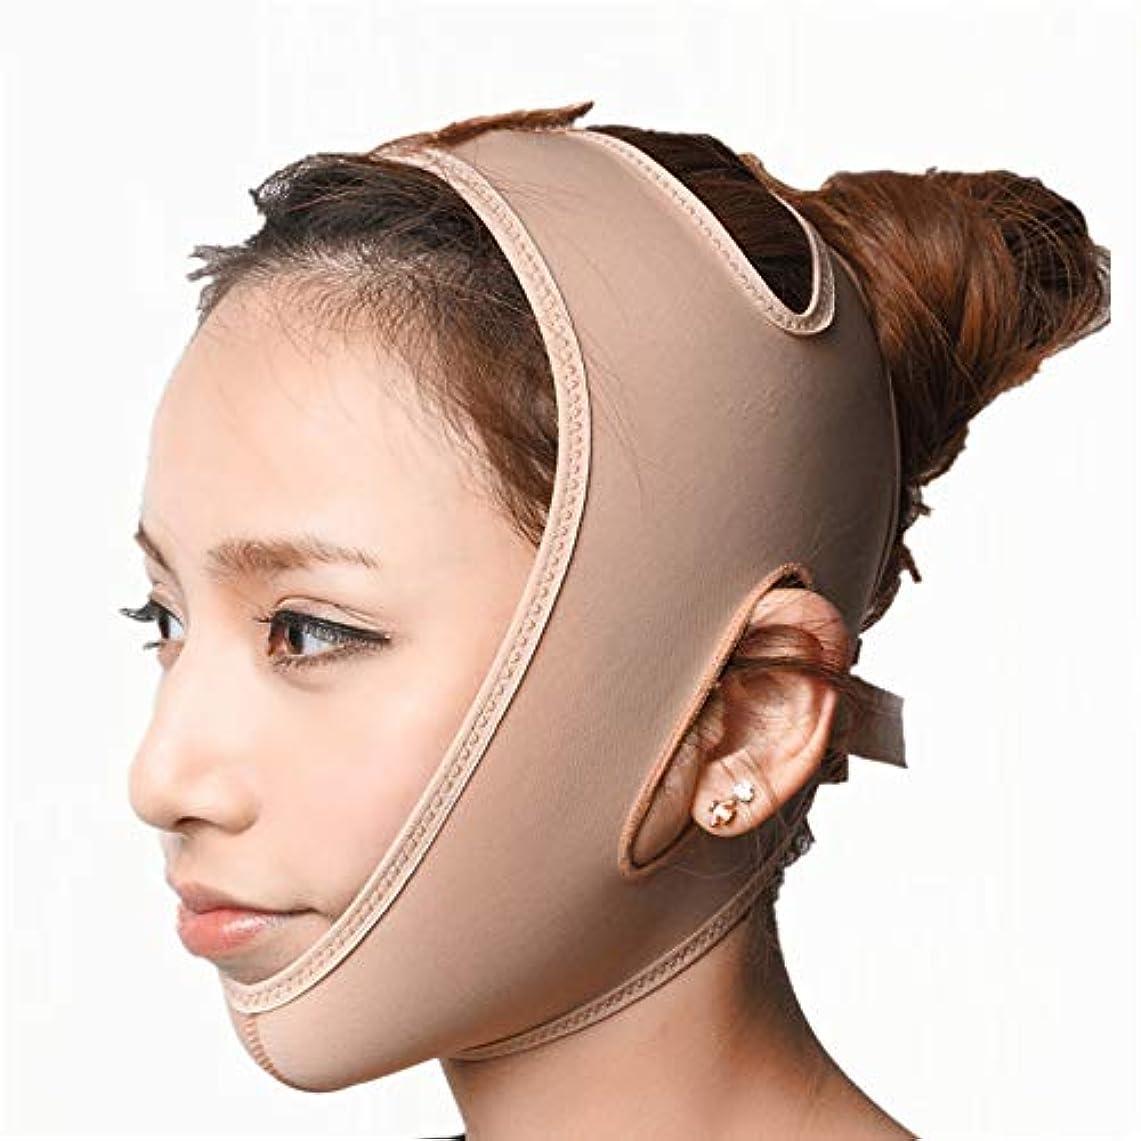 やろう脱走すりフェイスリフトベルト 薄い顔のベルト - 薄い顔のアーチファクトVの顔の包帯マスクの顔のマッサージャー薄いダブルの顎のデバイス